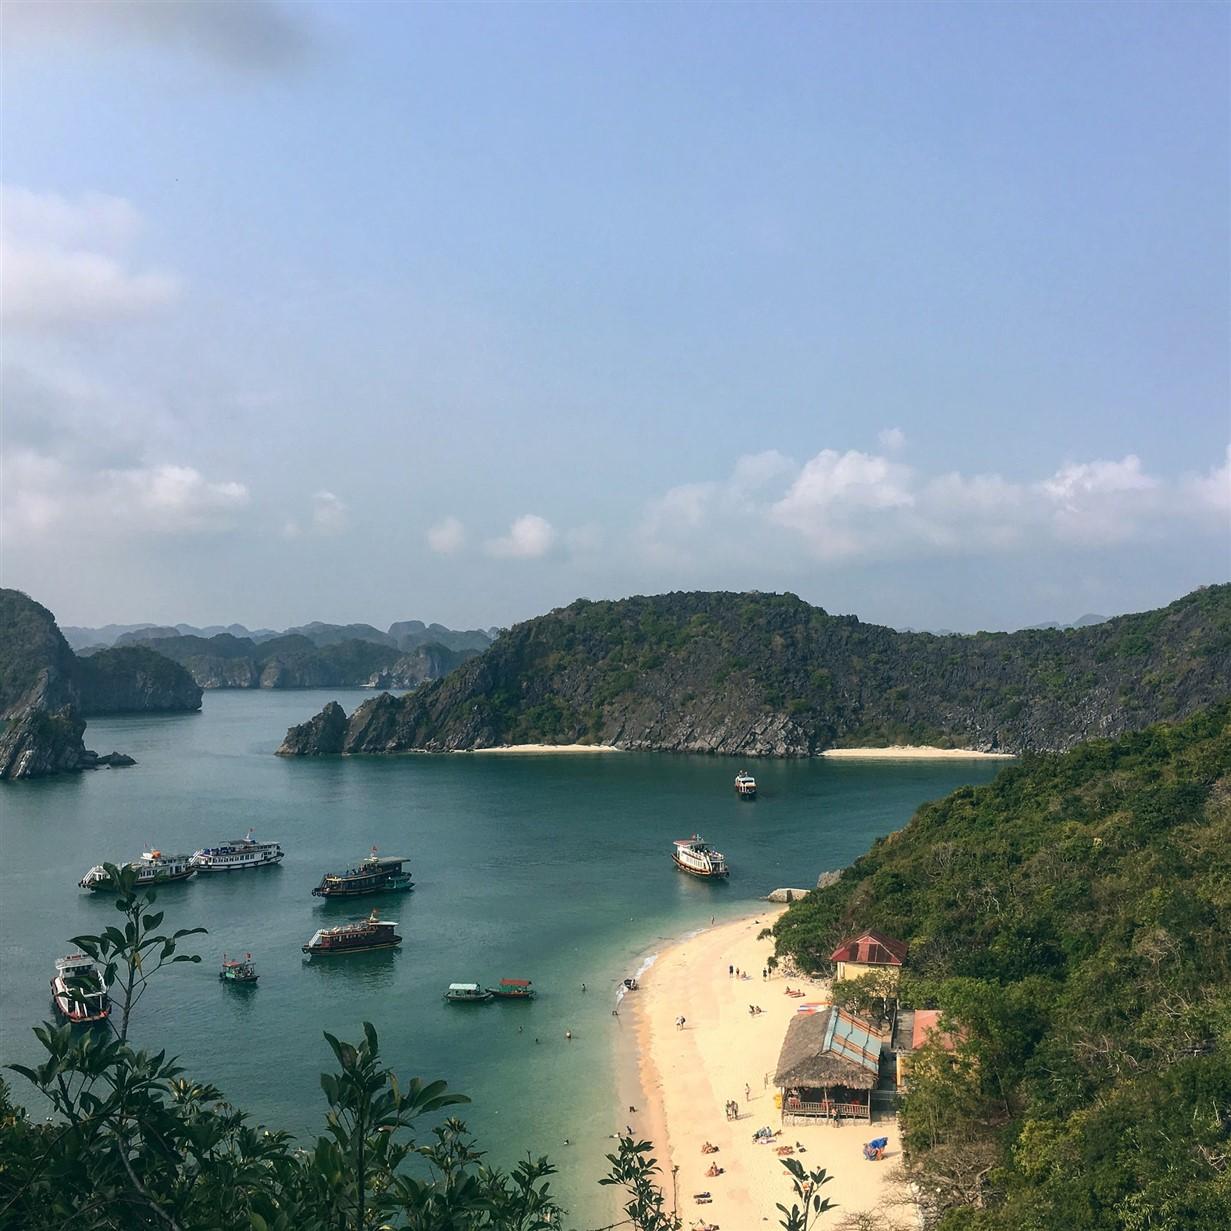 isola di cat ba - baia di halong